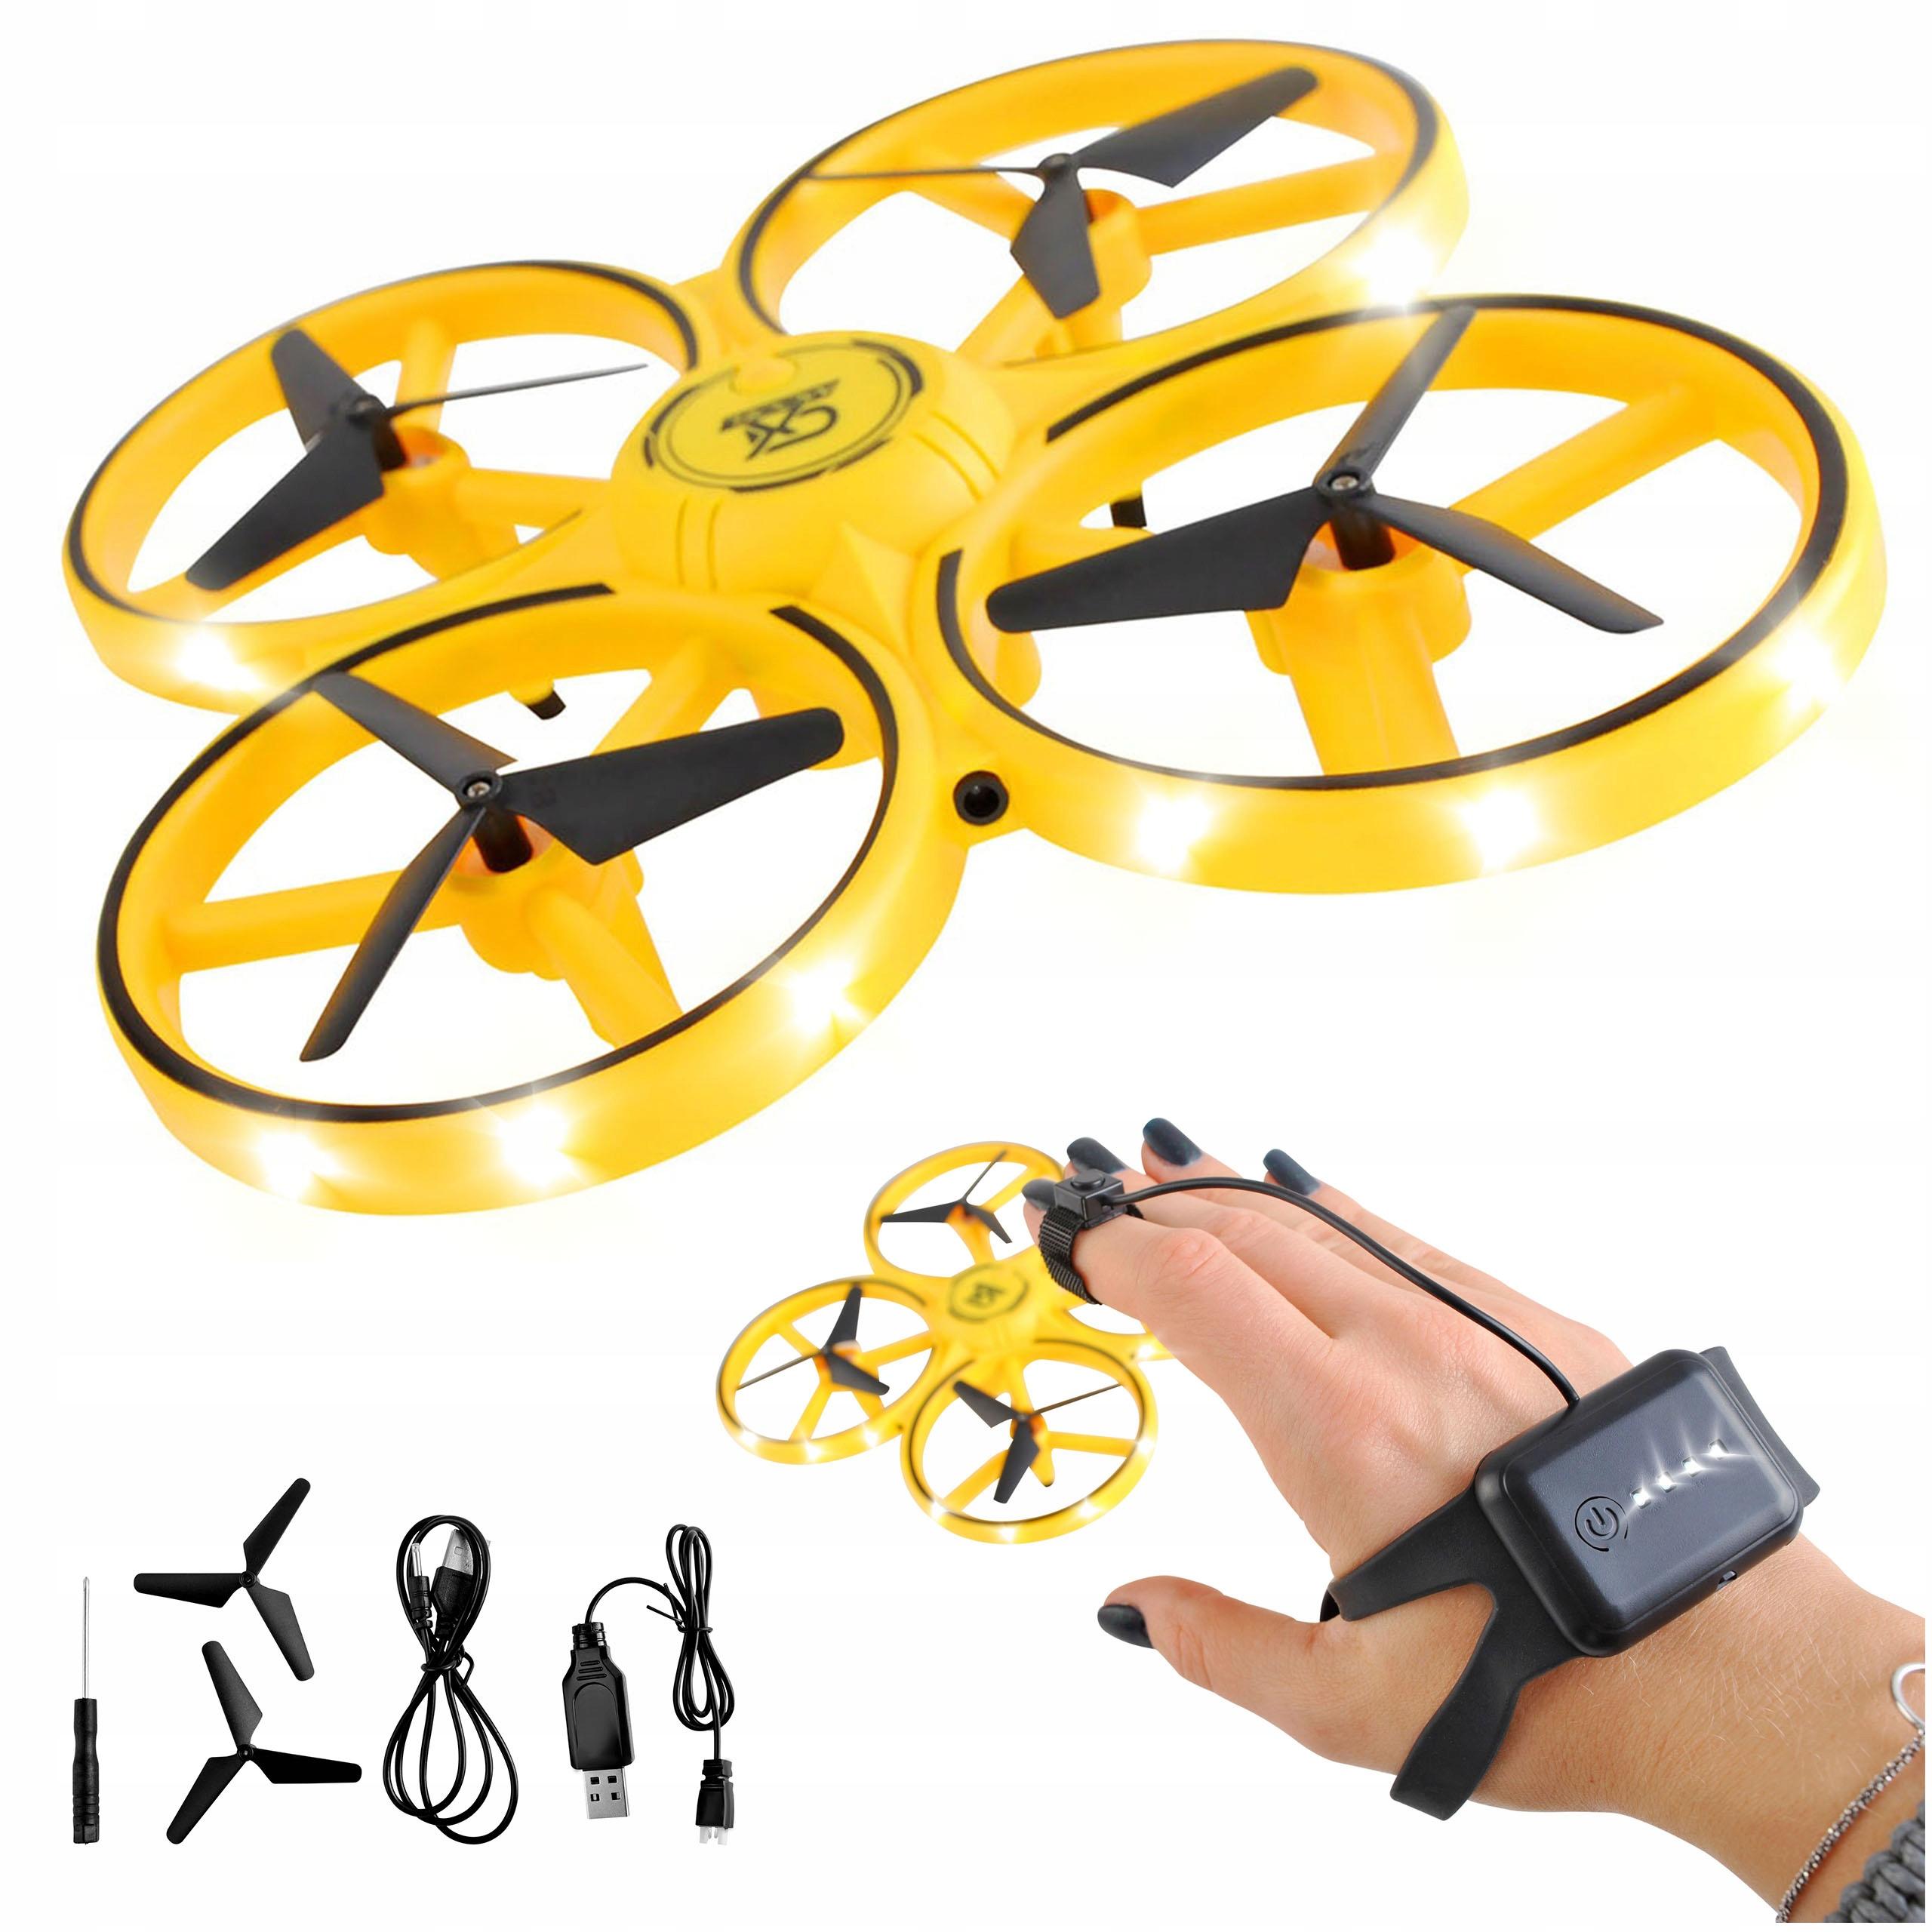 Dron Sterowany Ręką LED Lewitujący Mini Ufo Osłony